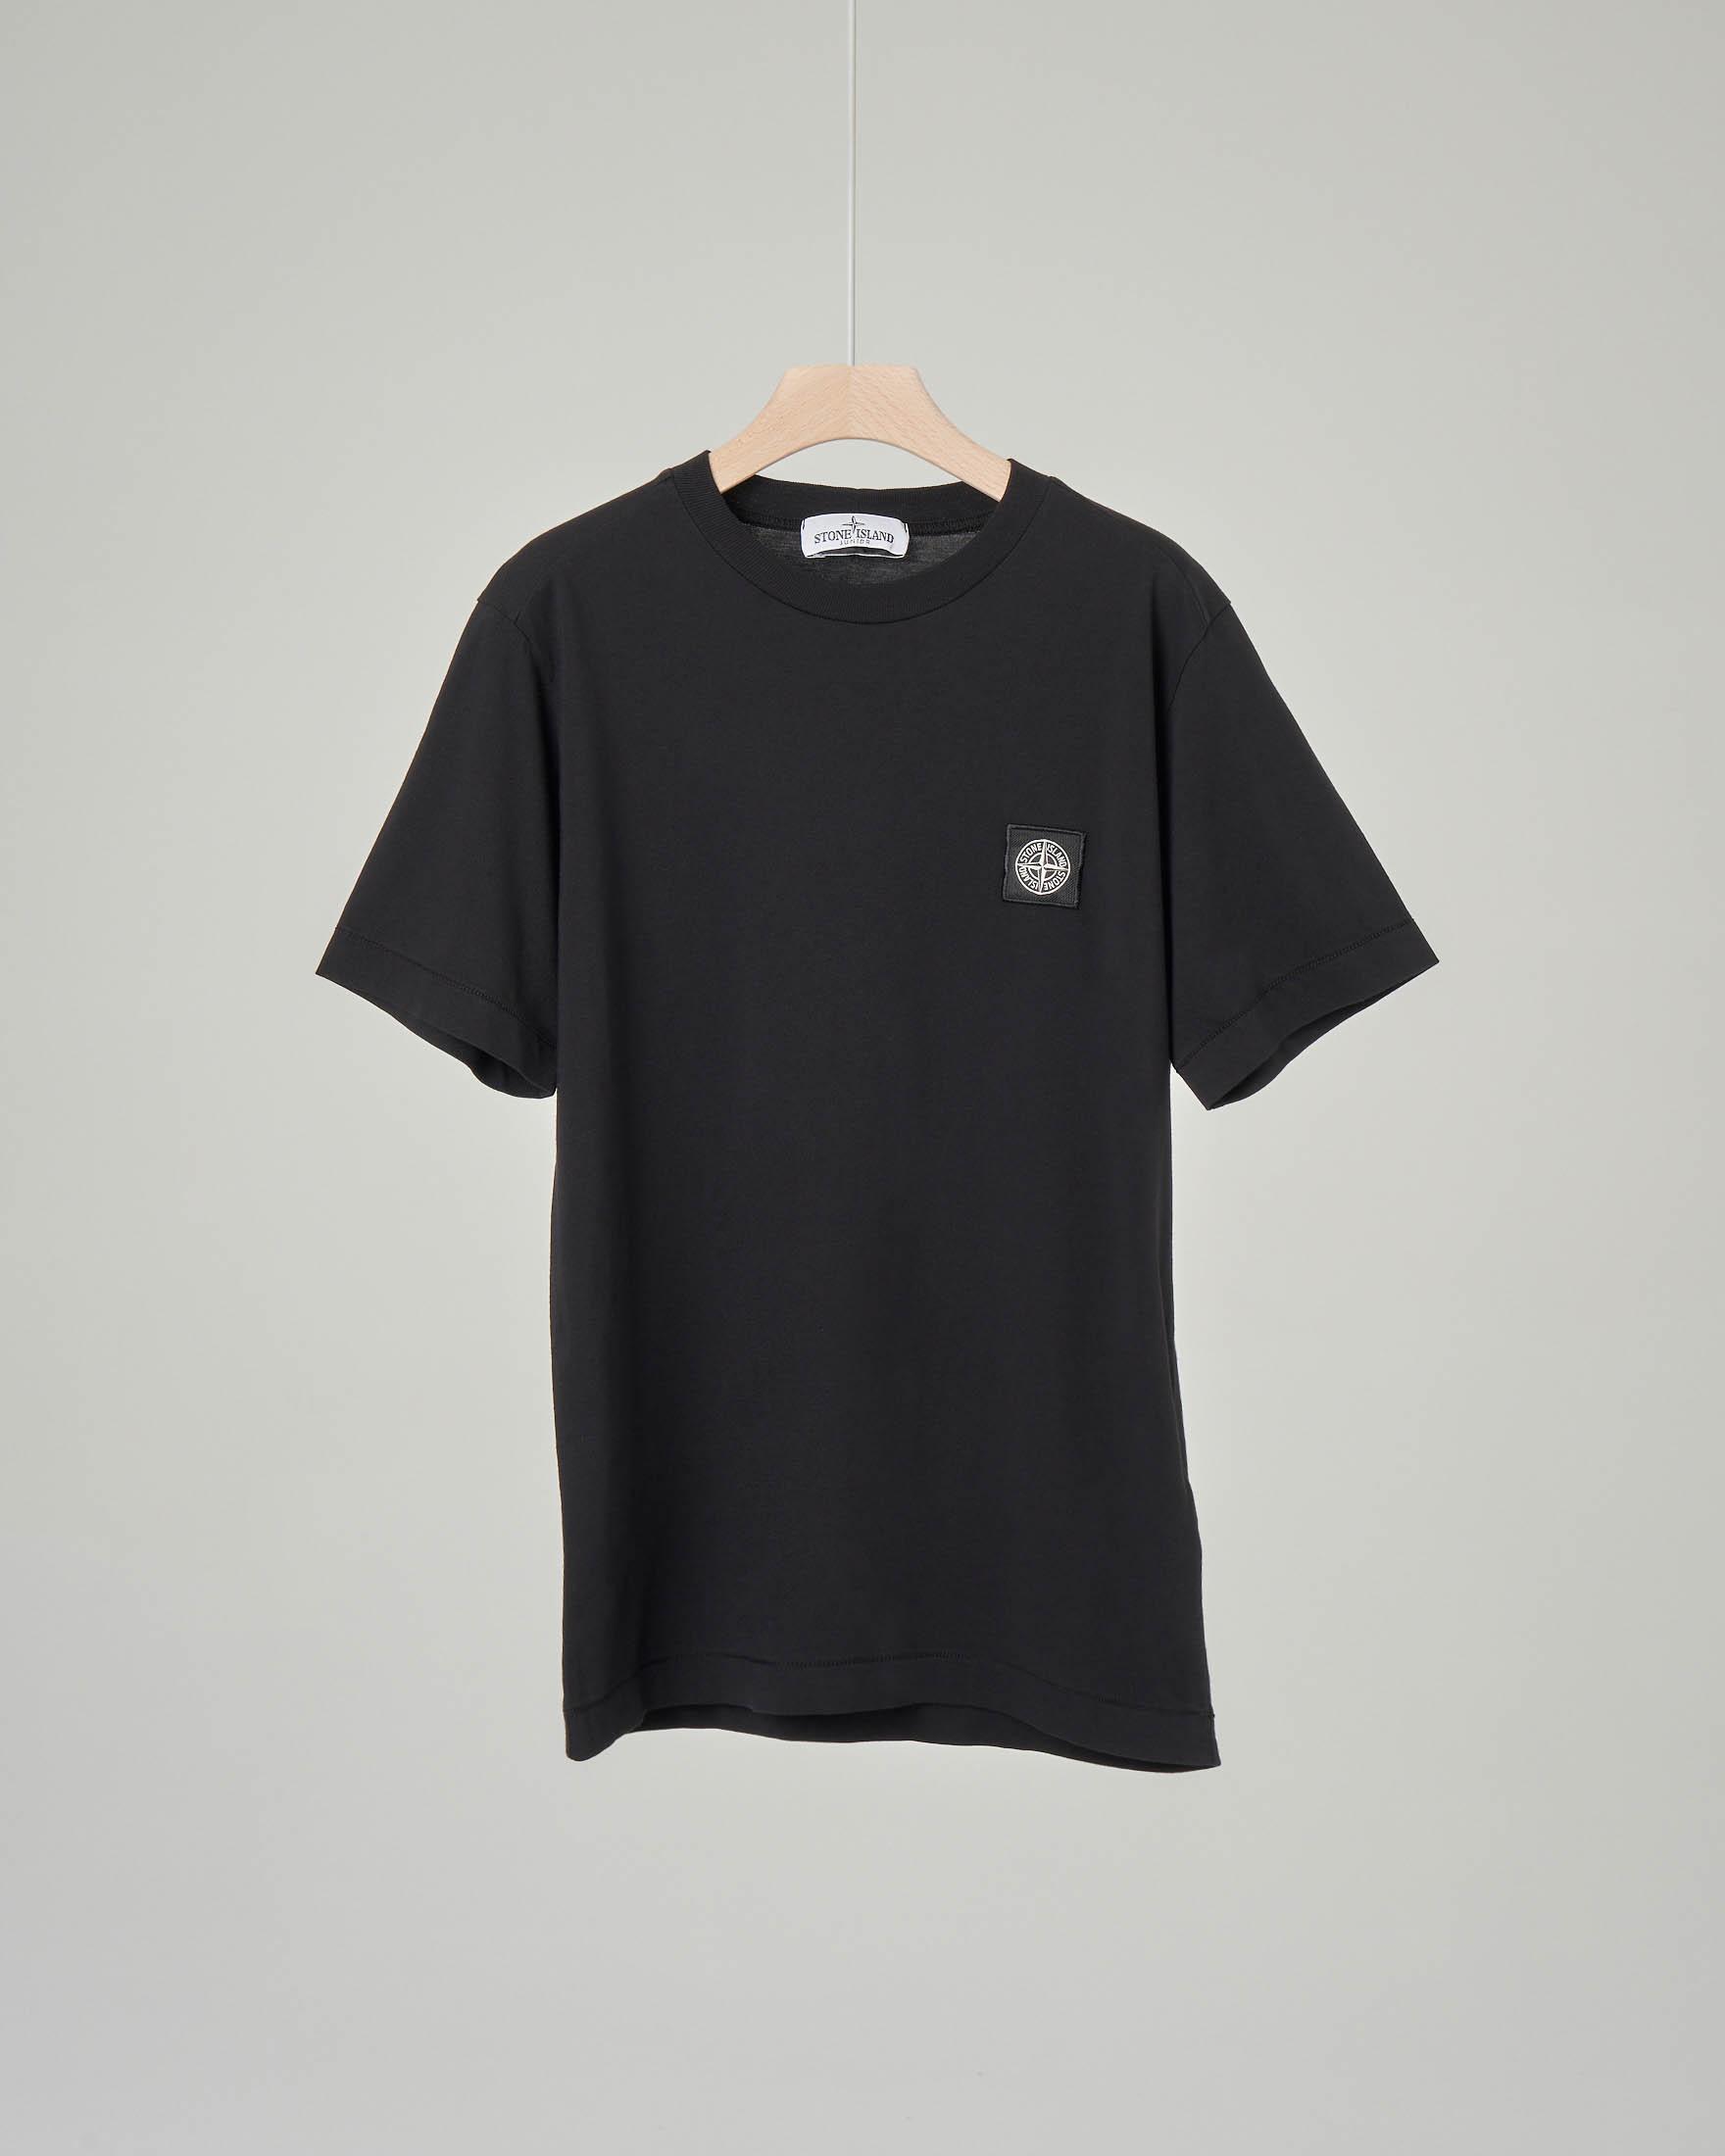 T-shirt nera mezza manica con logo 8 anni